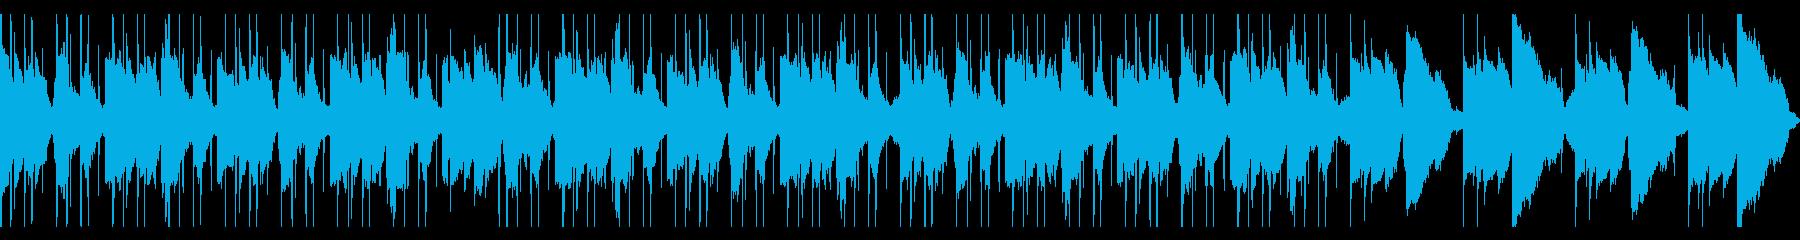 ギターLofi Hiphop 切ない bの再生済みの波形